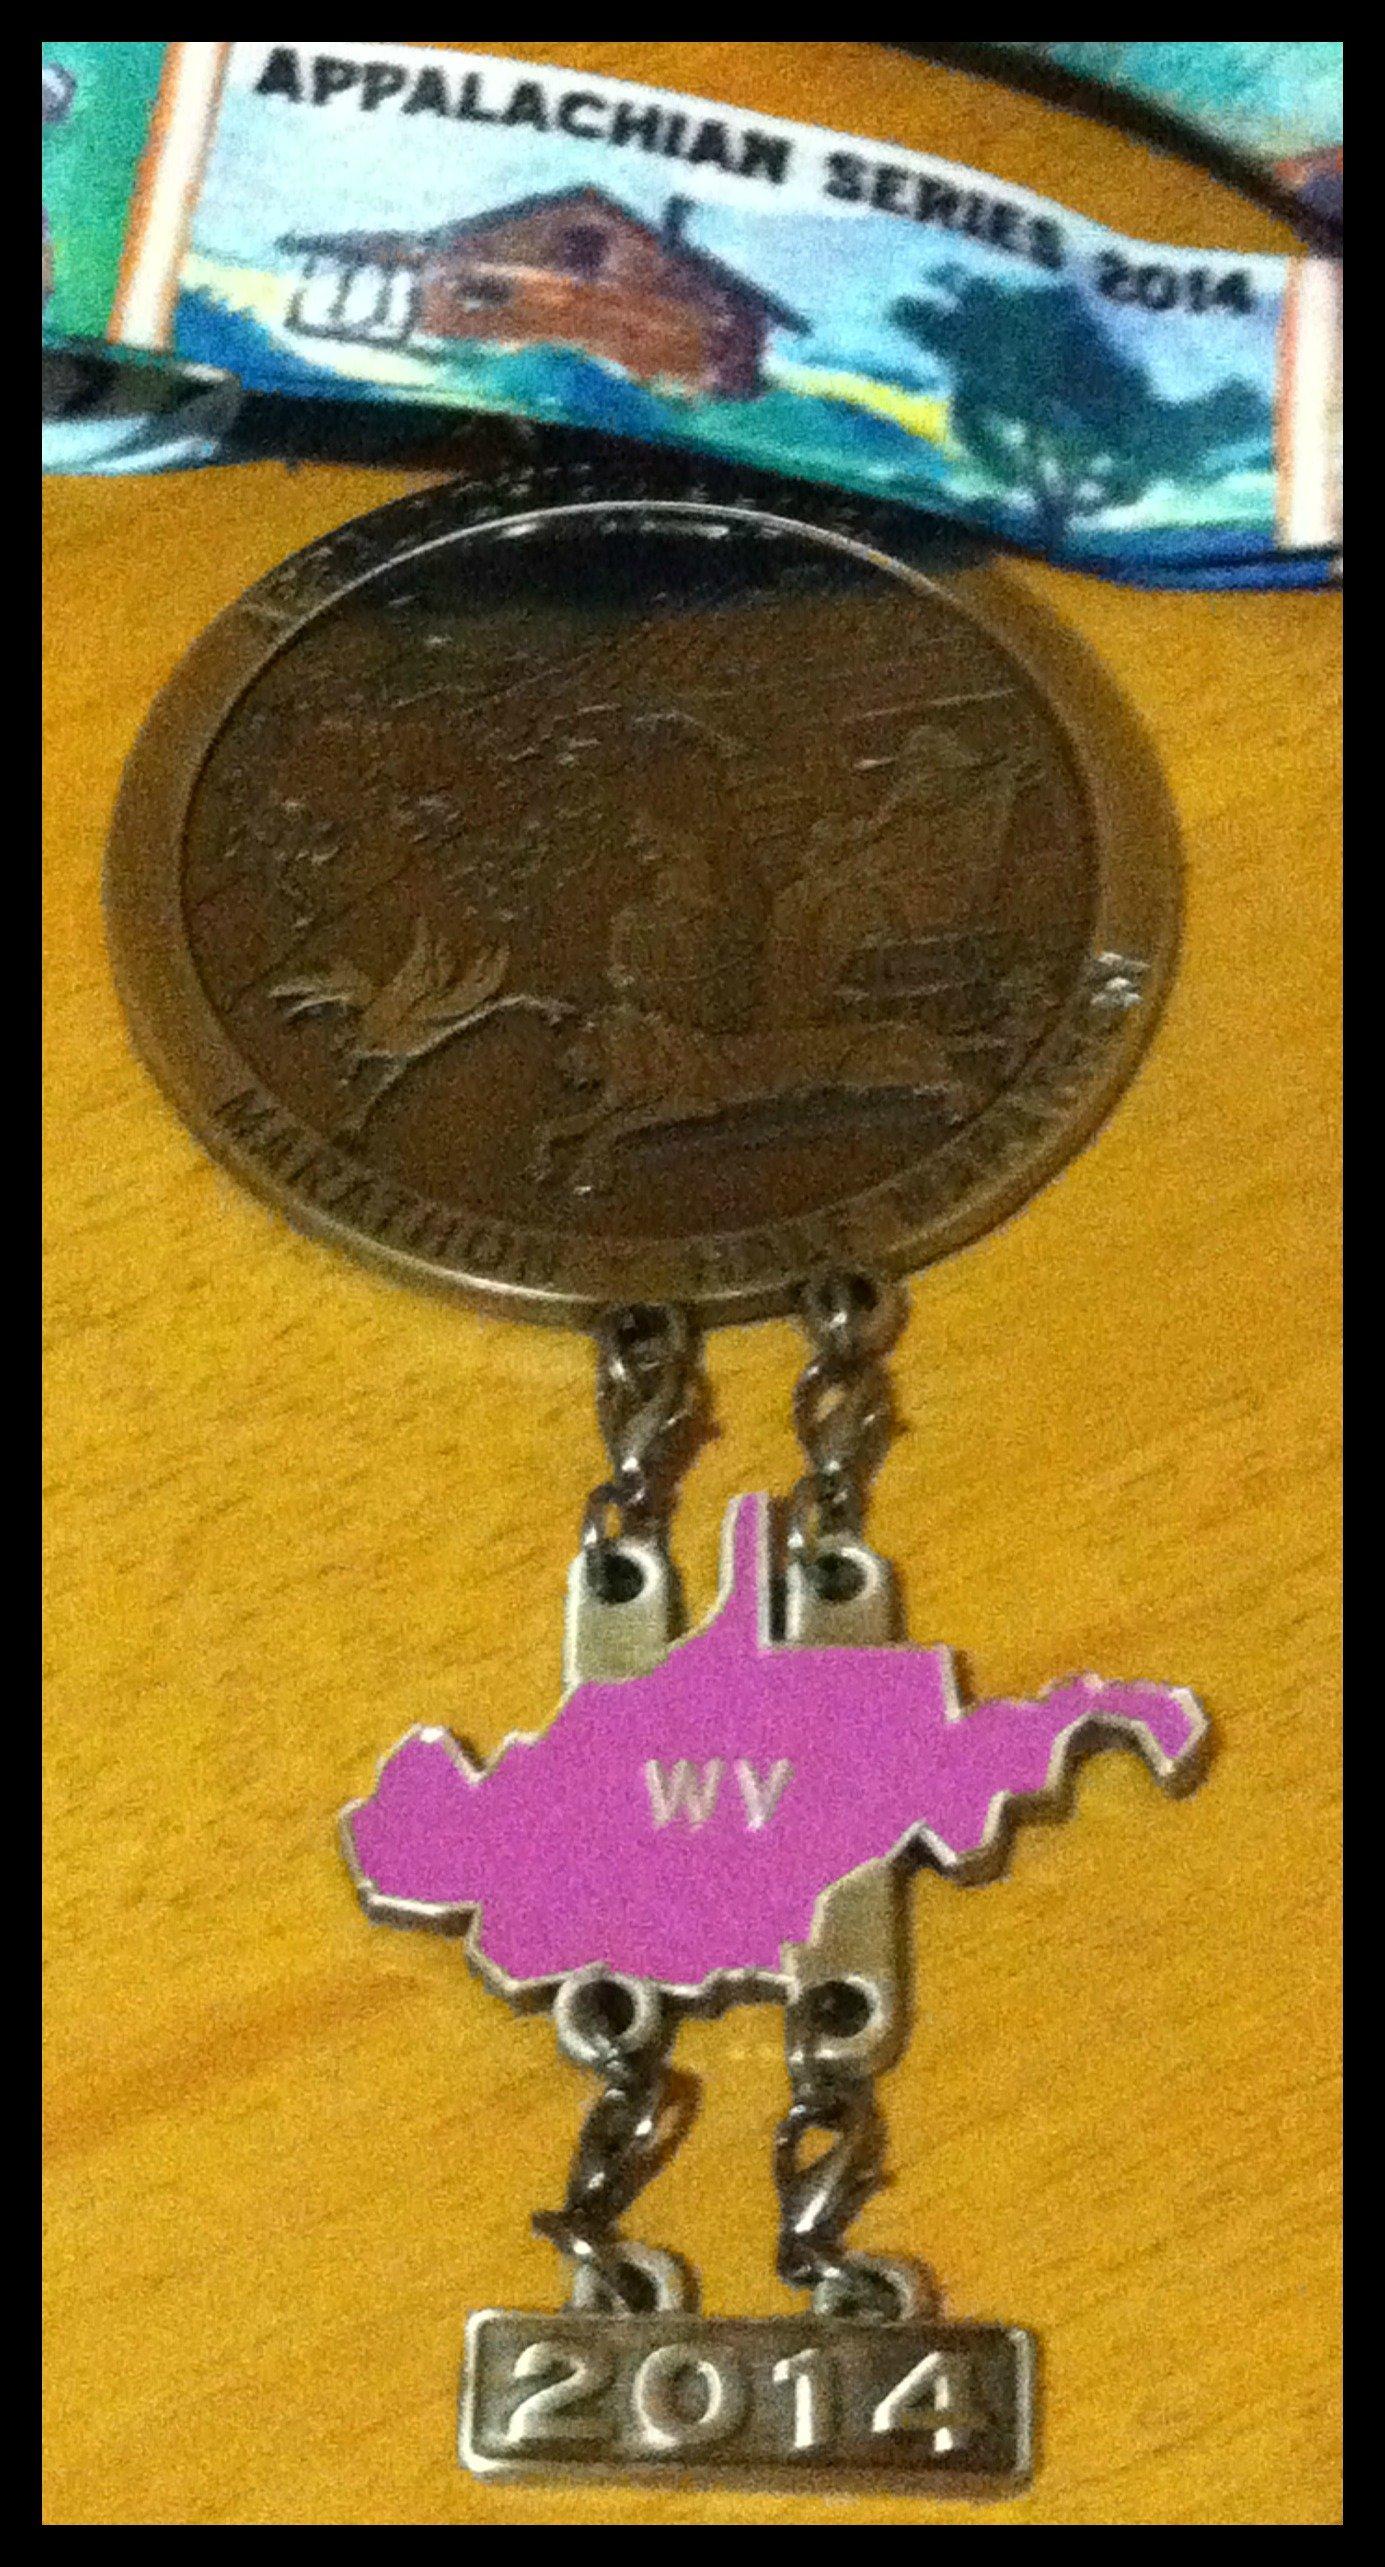 appalachain medal